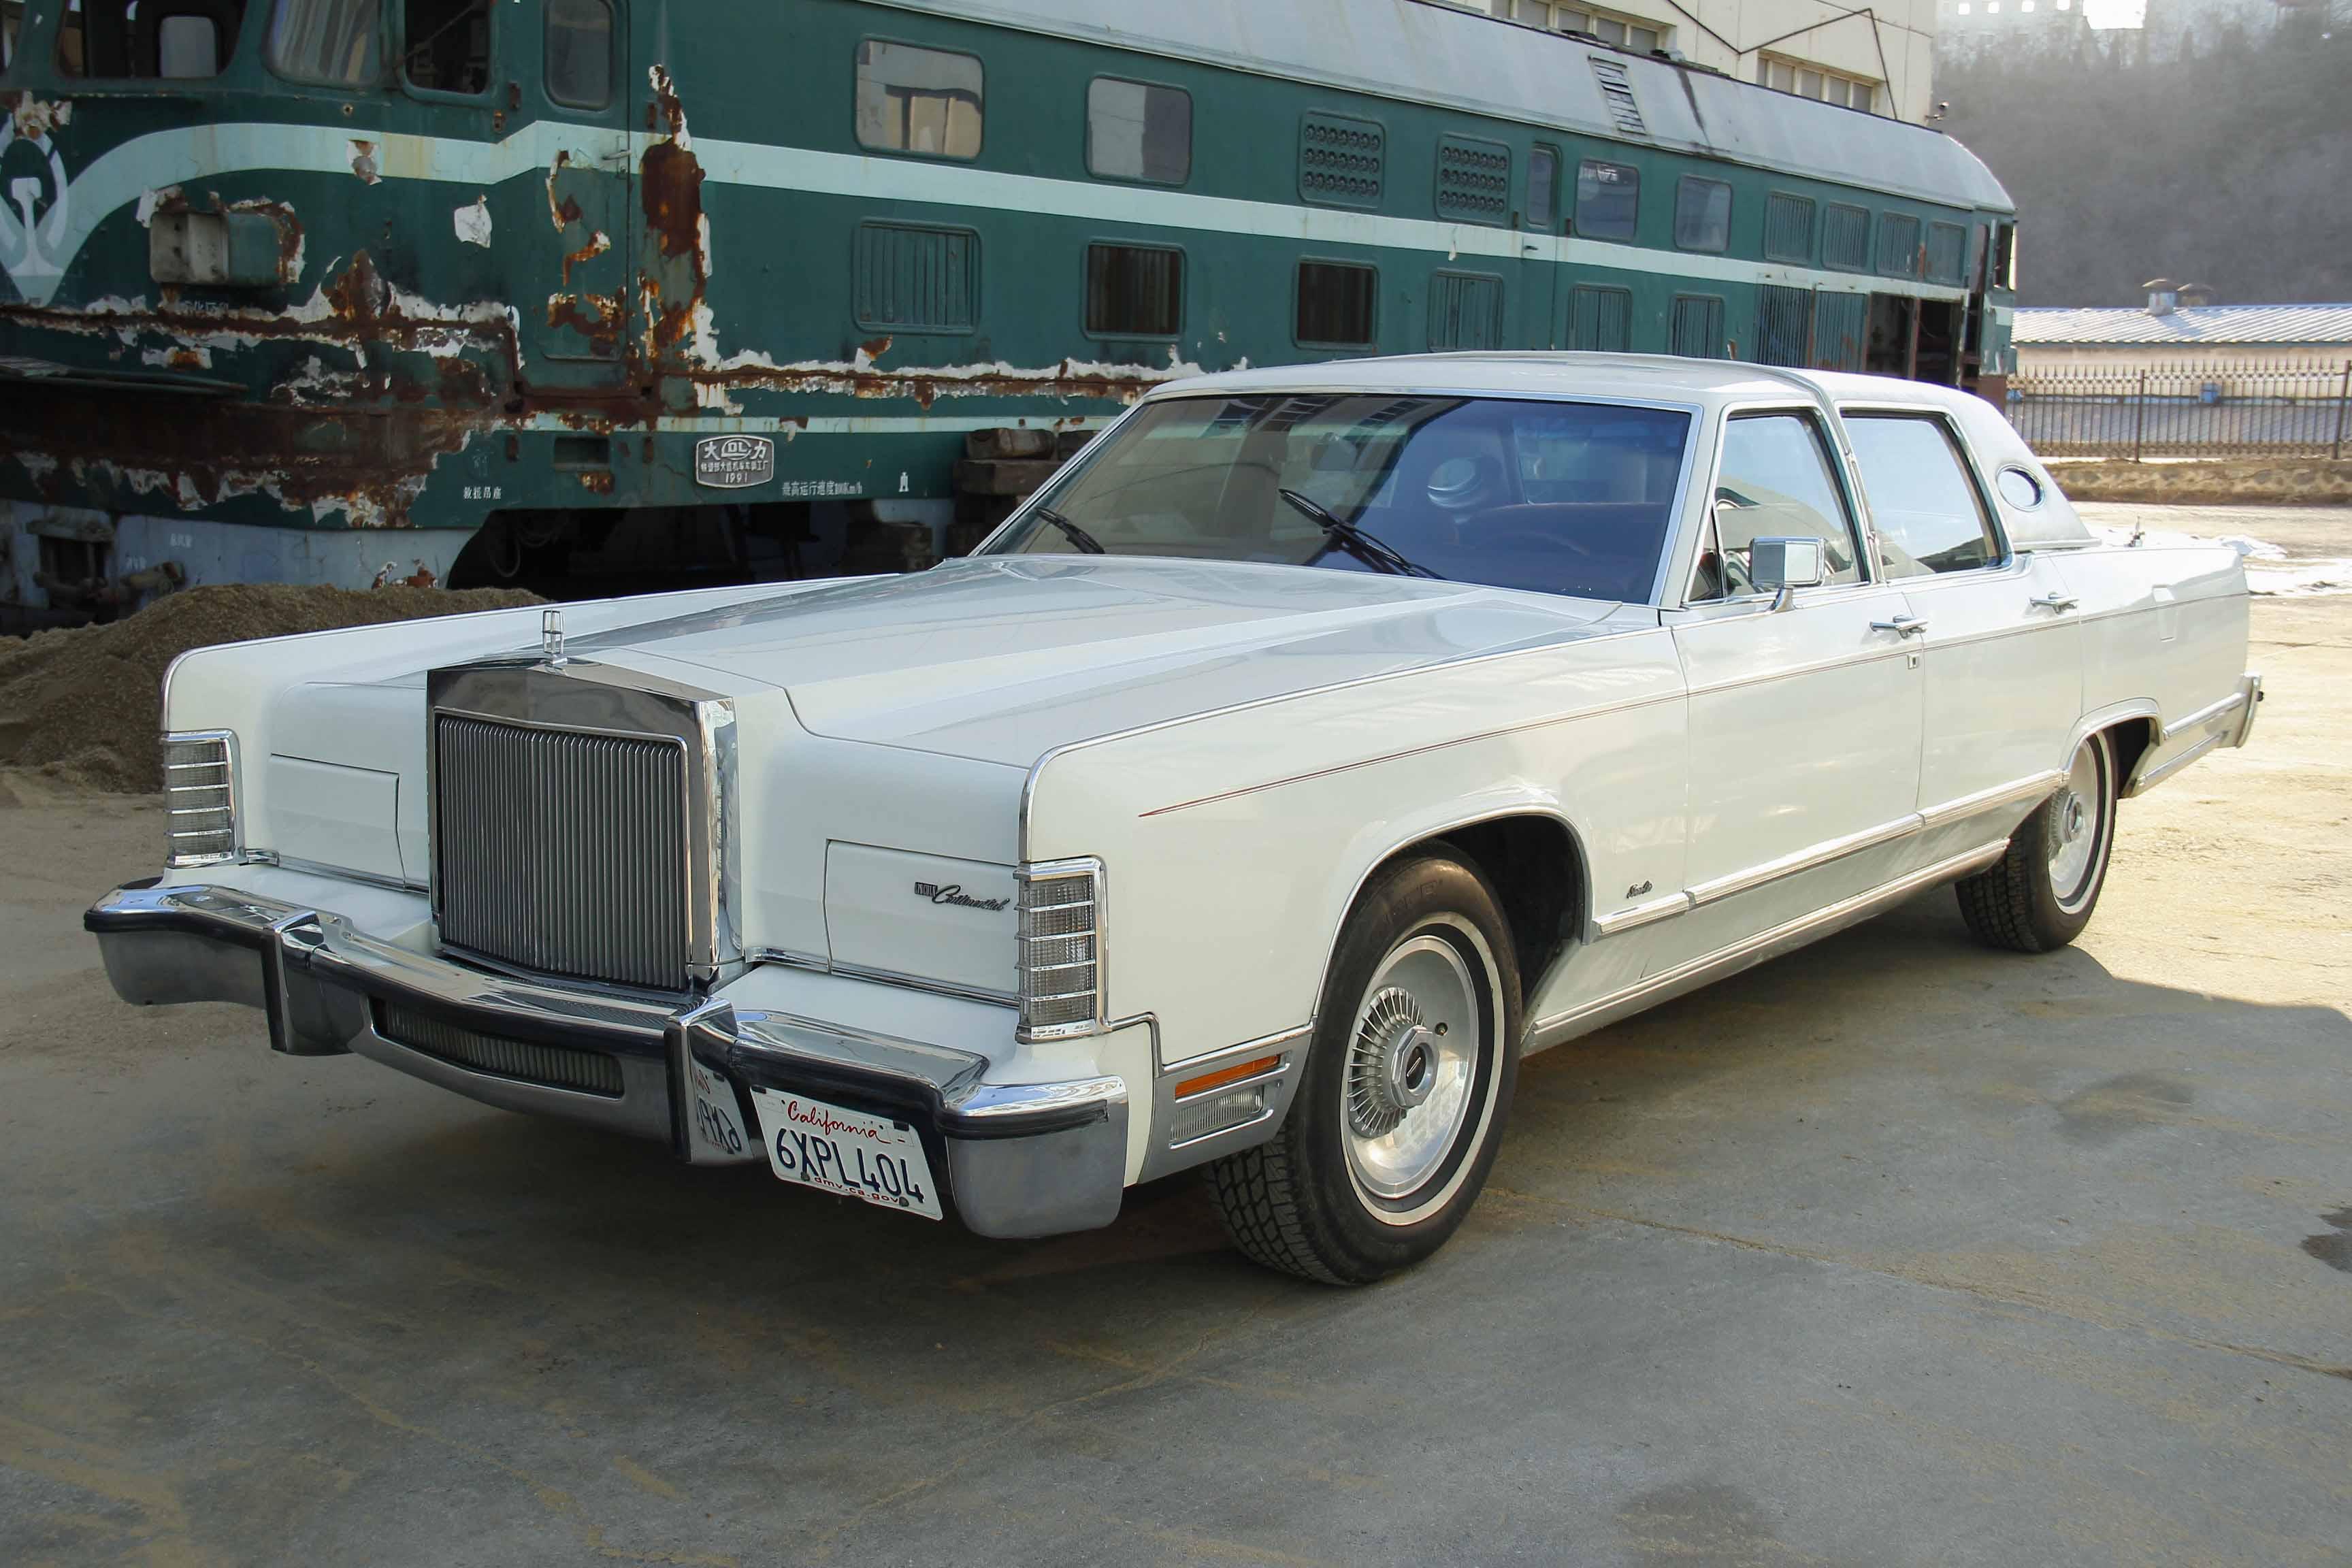 林肯大陆这个车值得买吗?